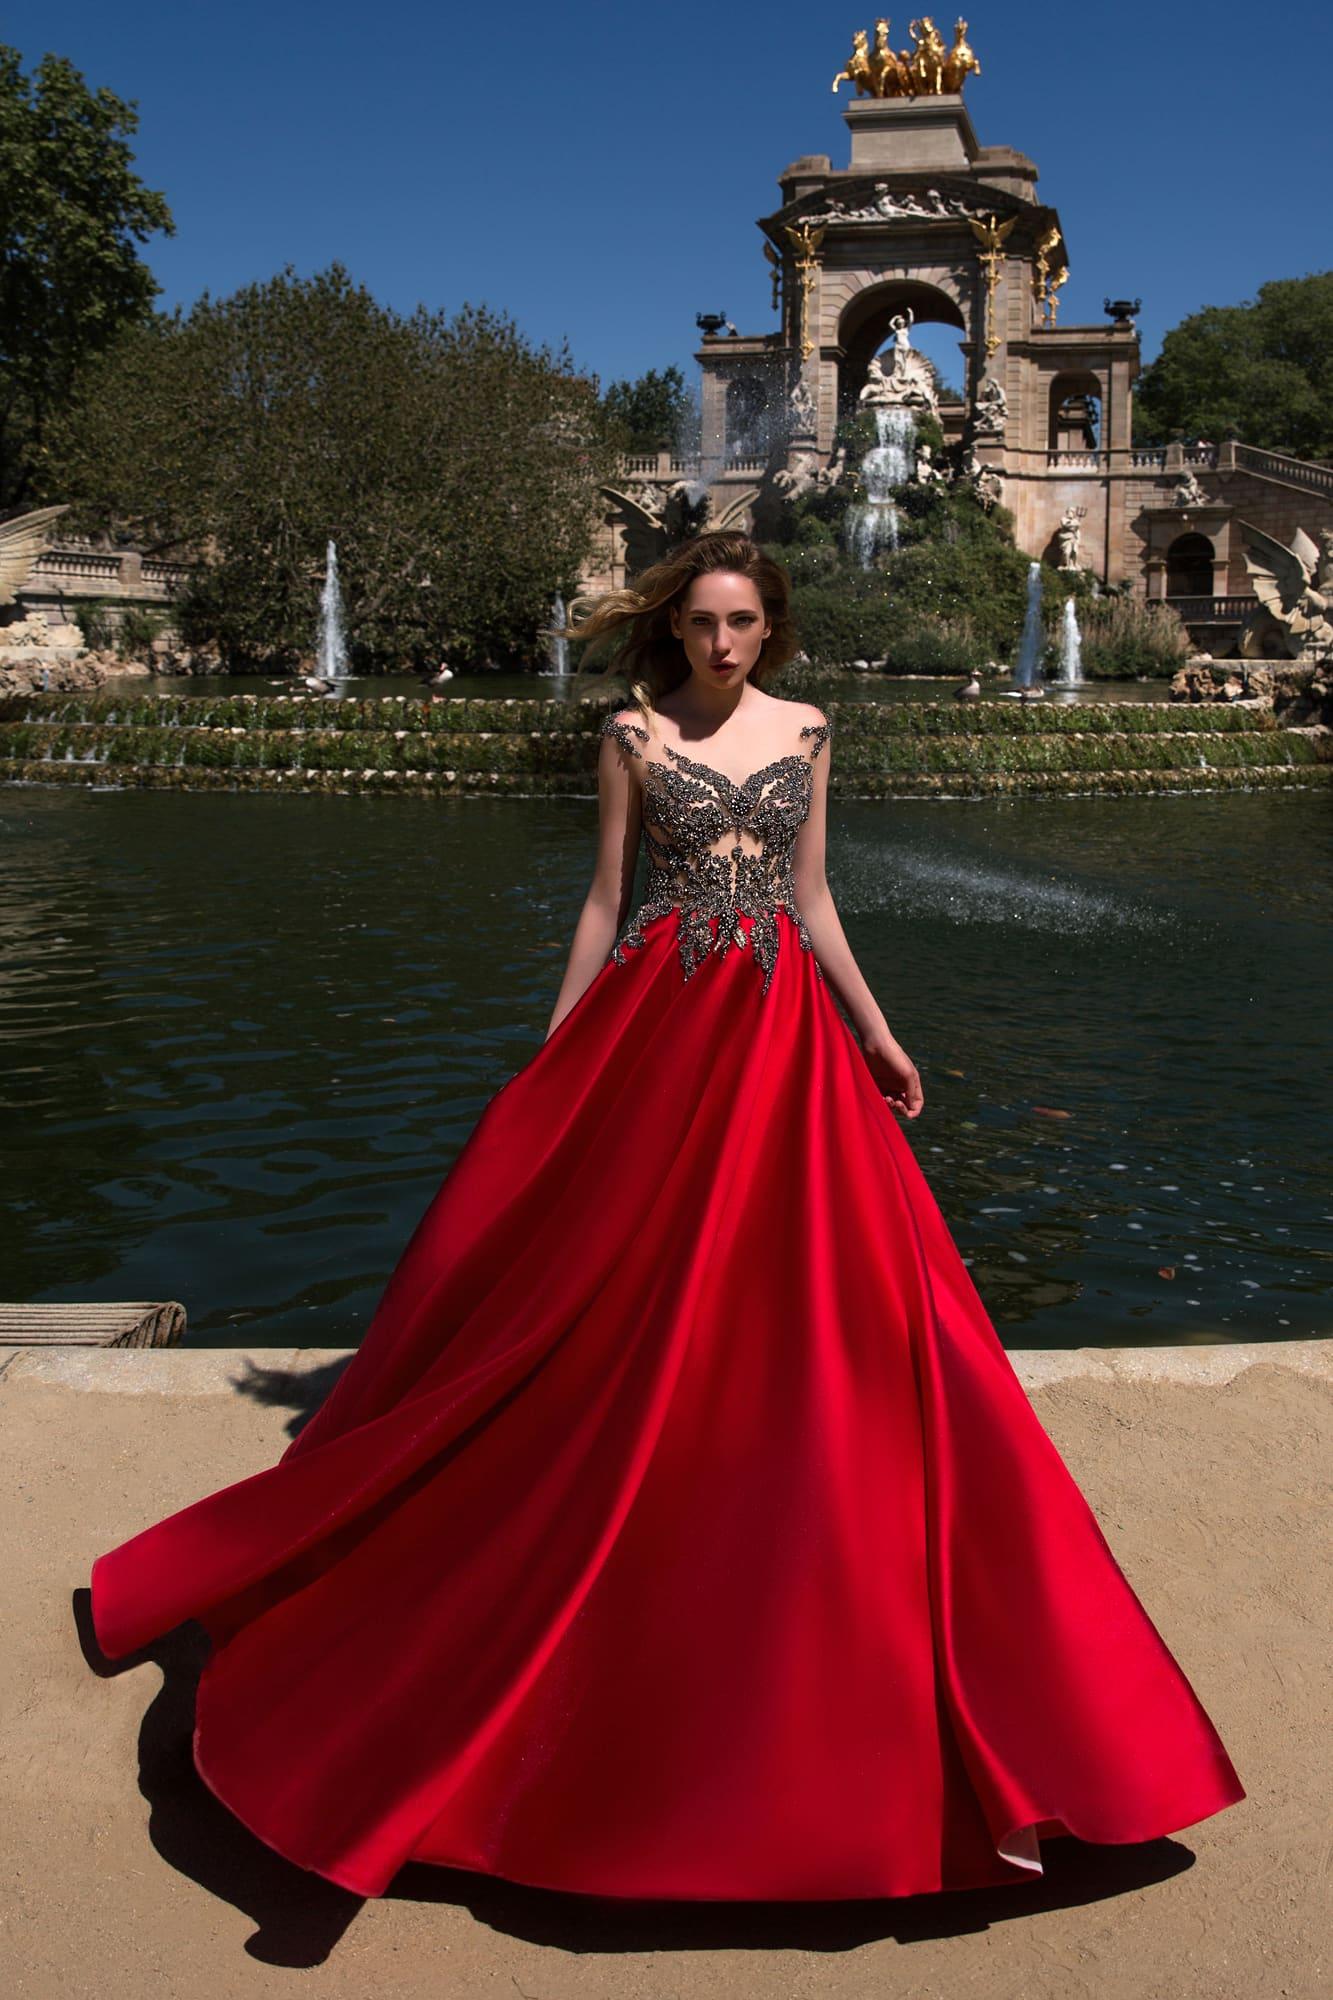 e21f444034f Стильное вечернее платье с полупрозрачным лифом с бисером и яркой атласной  юбкой красного цвета.